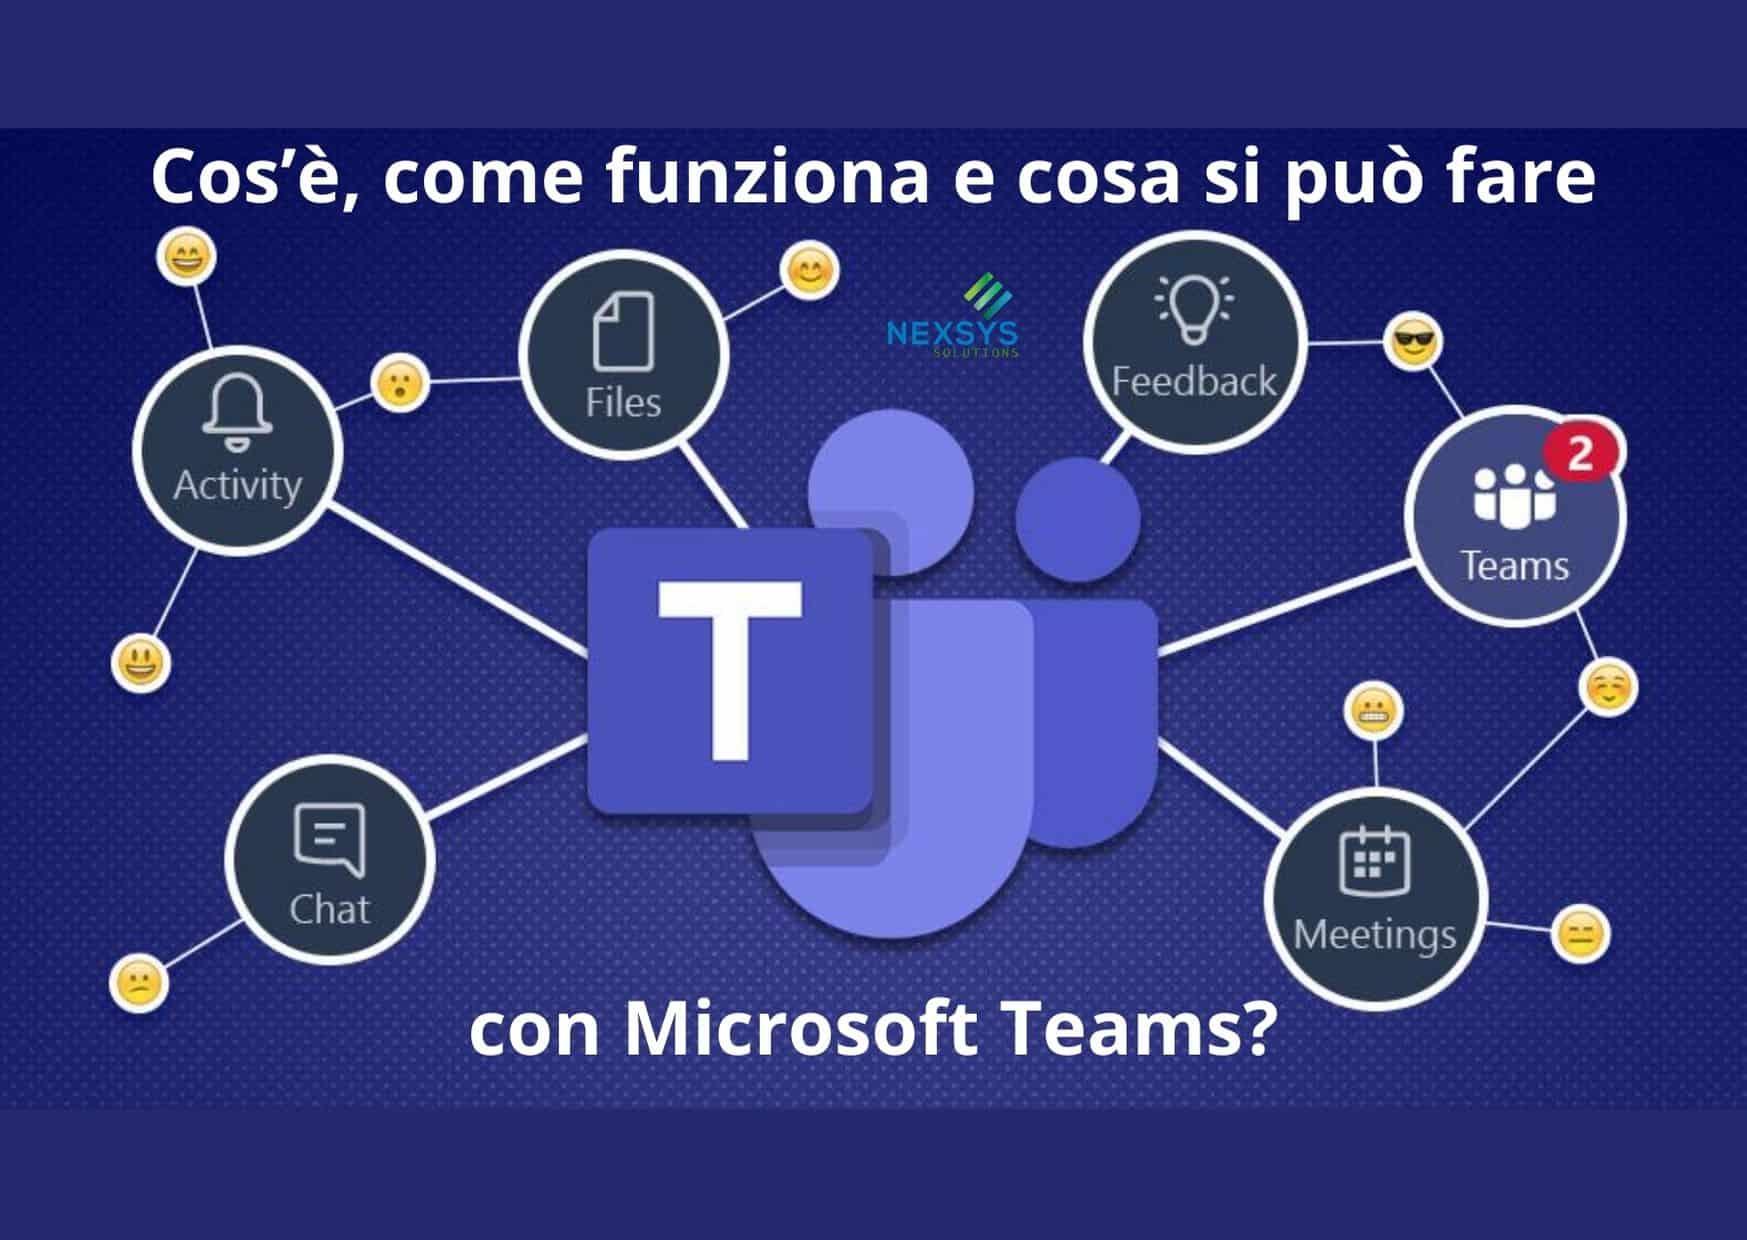 Cos'è come funziona e cosa si può fare con Microsoft Teams?